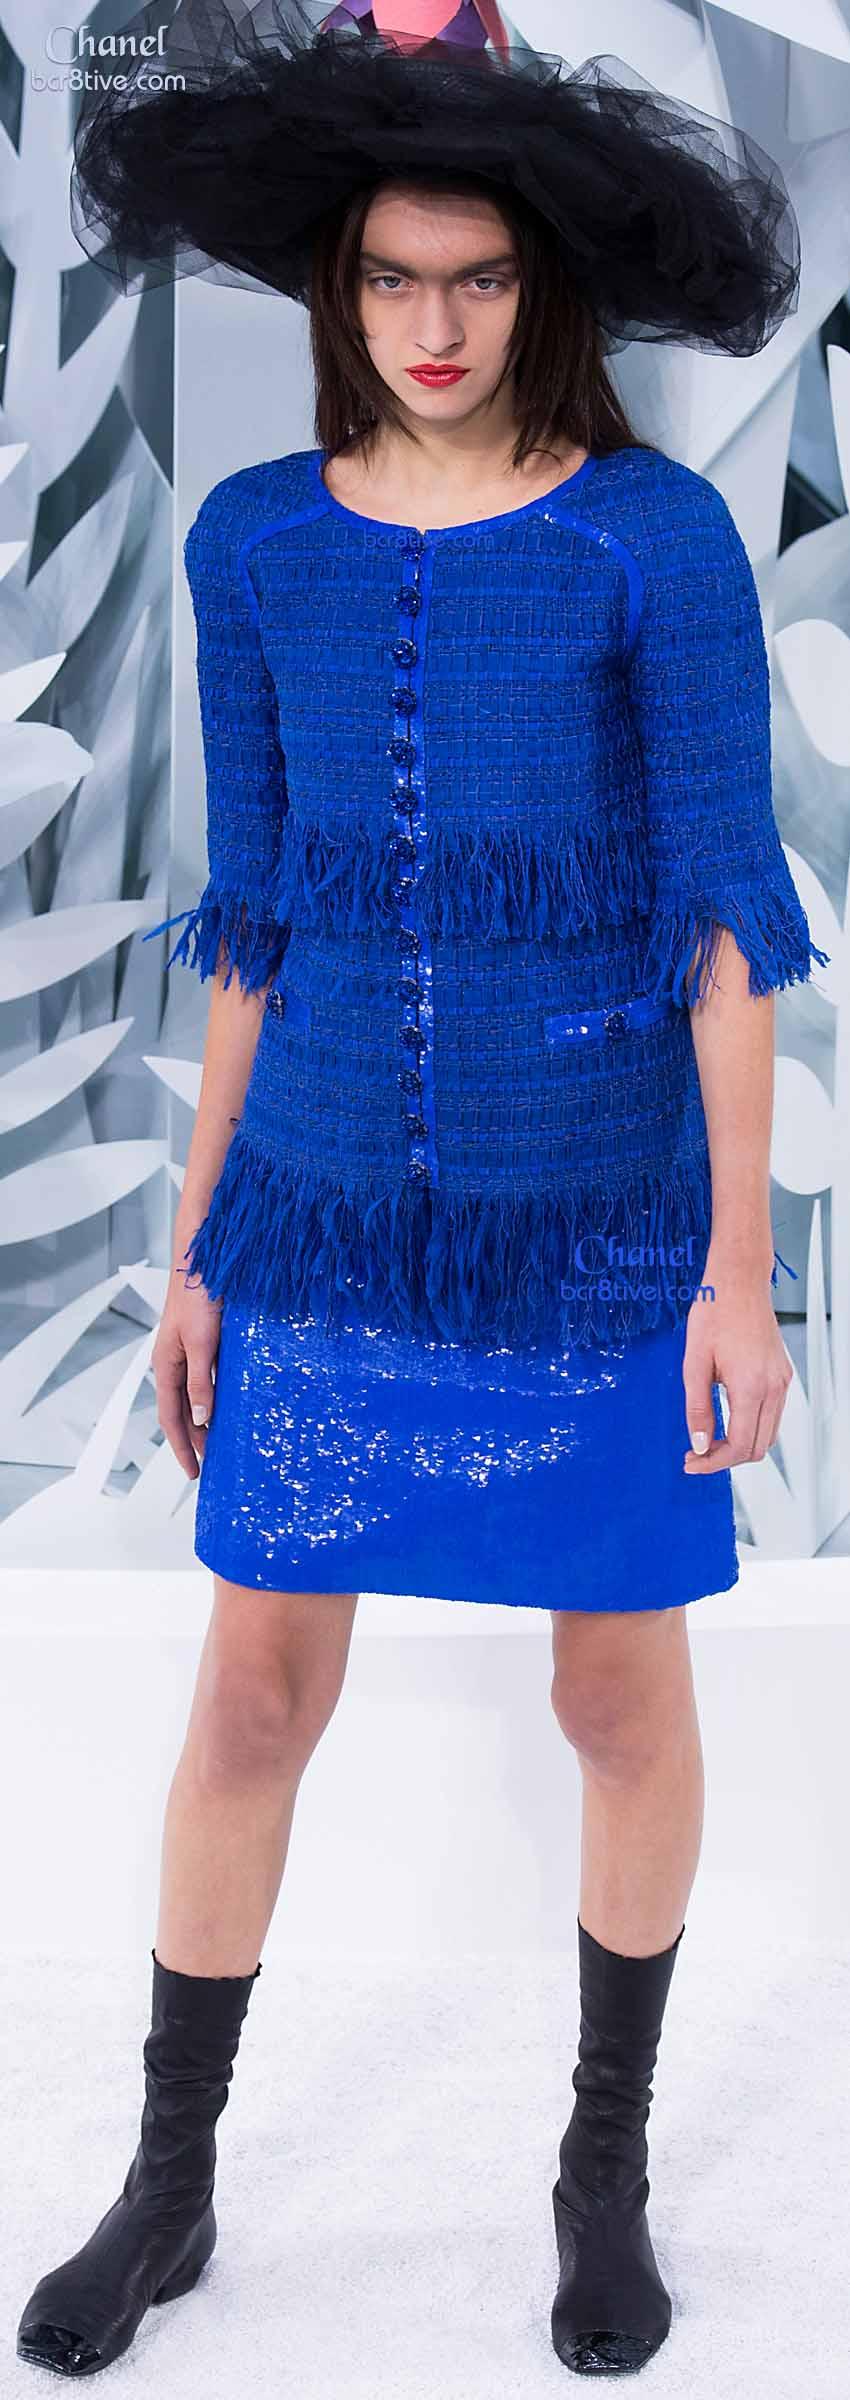 Chanel Blue Sparkle Skirt & Fringe Top